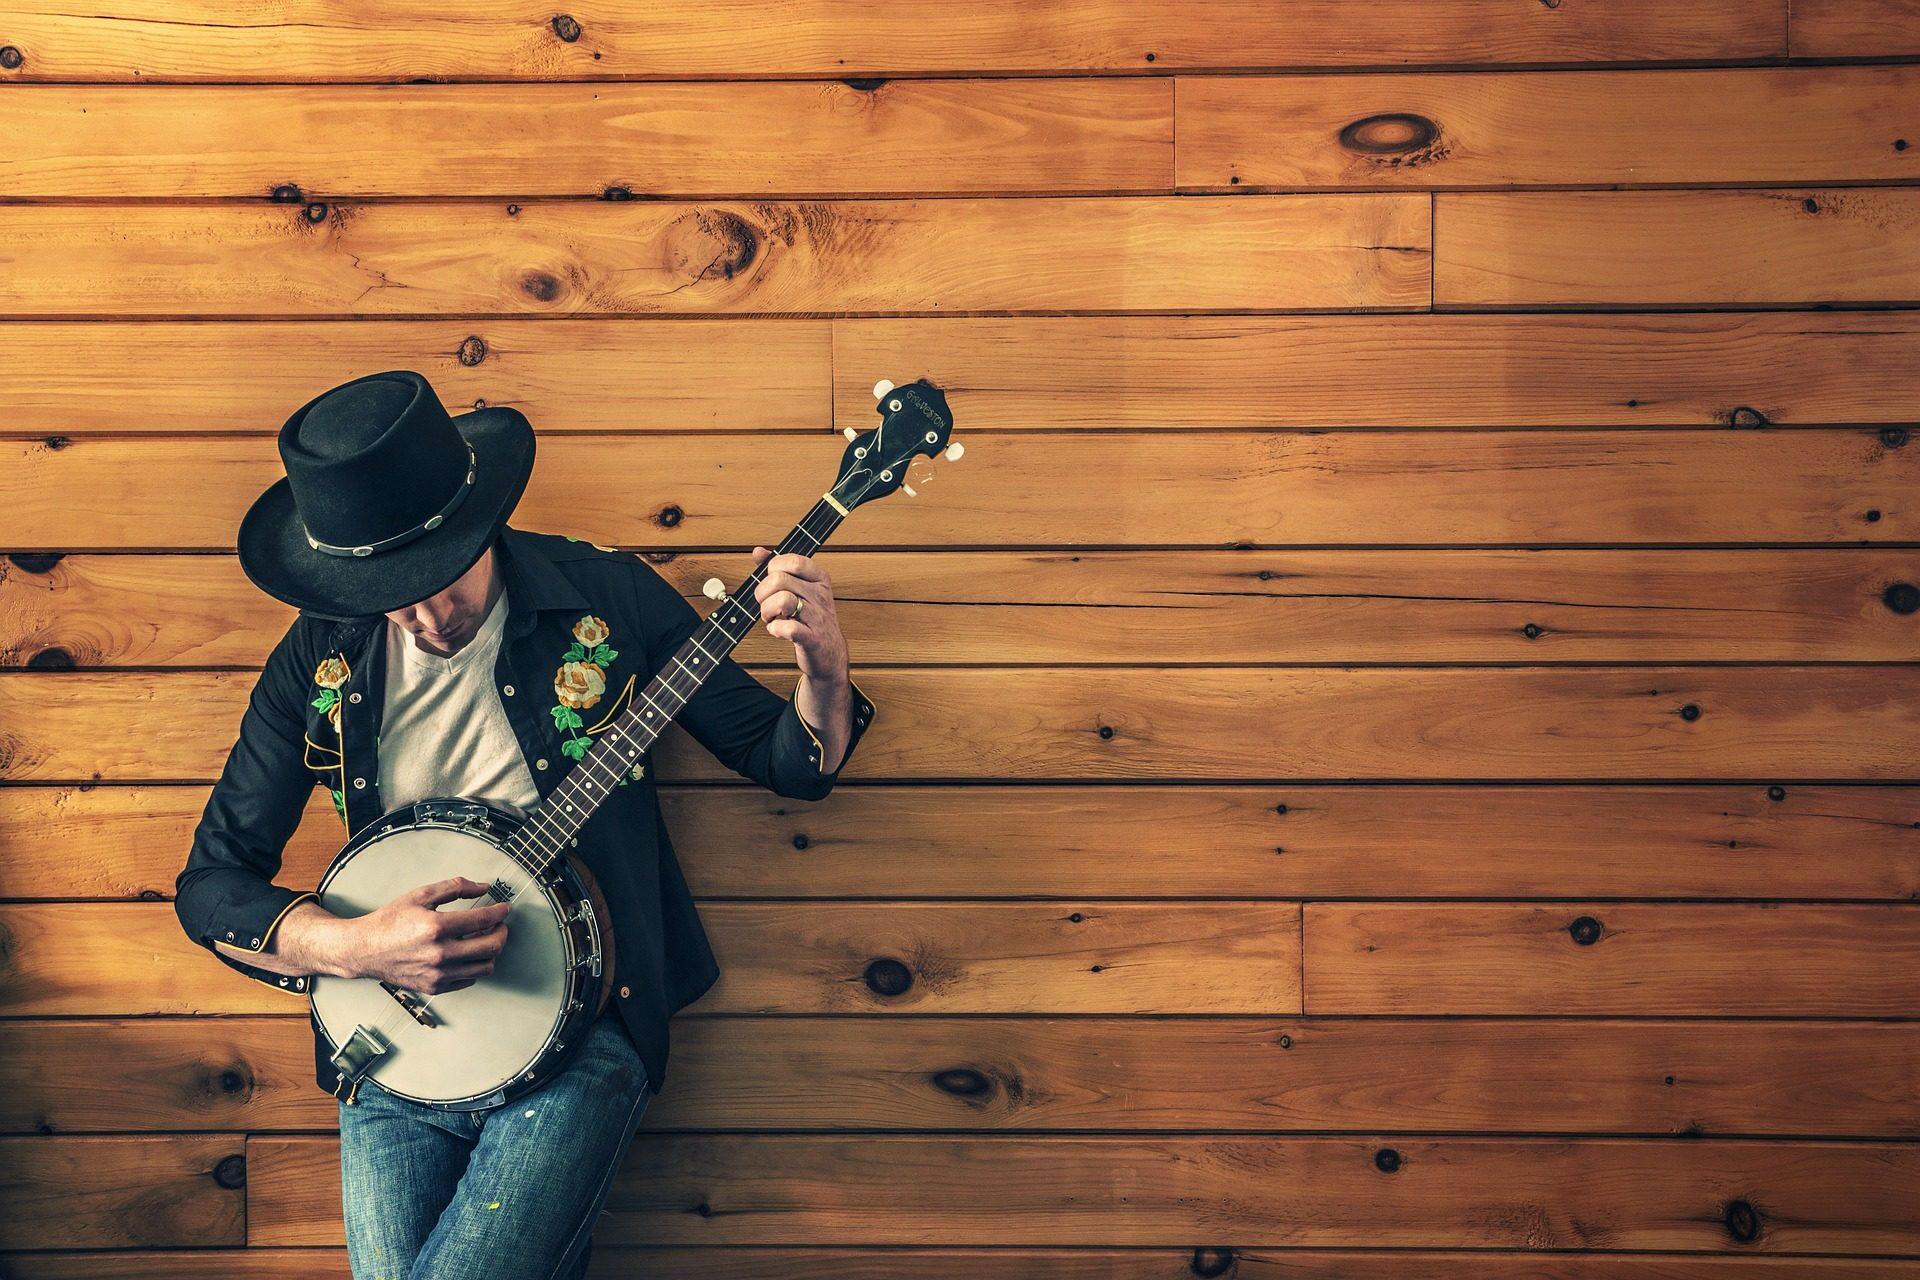 musicista, Banjo, Chitarra, Cappello, paese - Sfondi HD - Professor-falken.com